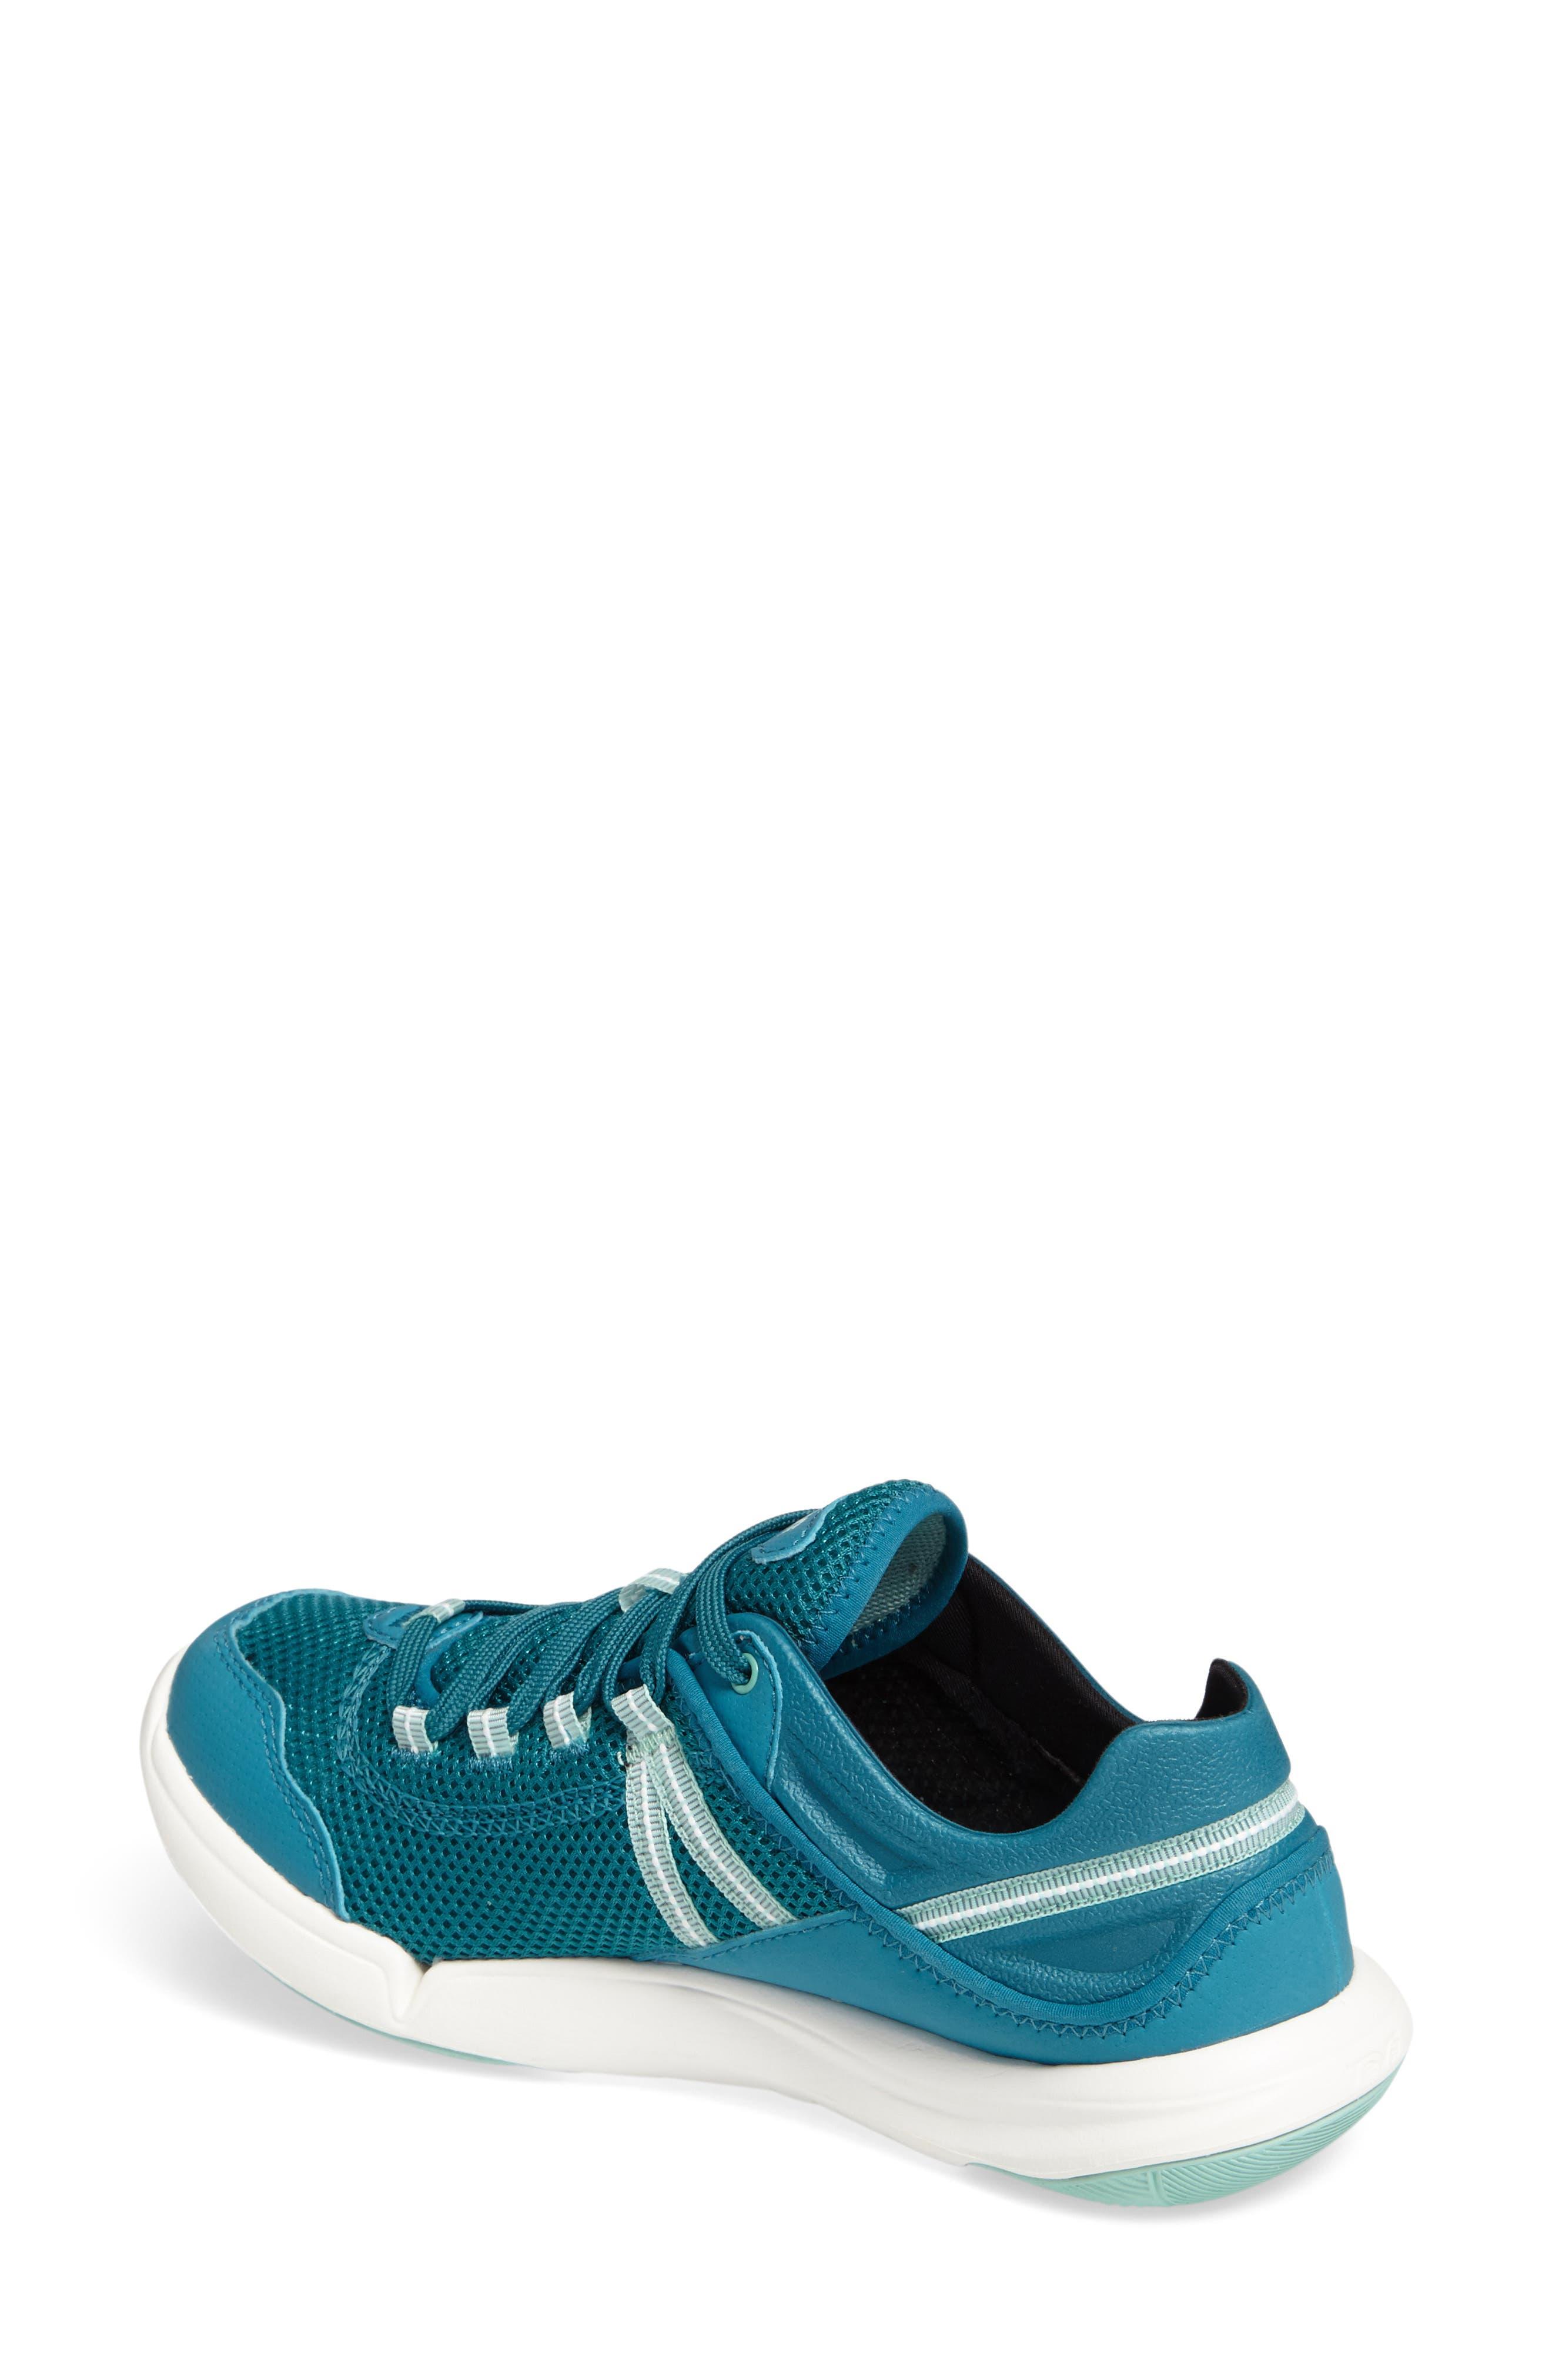 Evo Sneaker,                             Alternate thumbnail 2, color,                             405